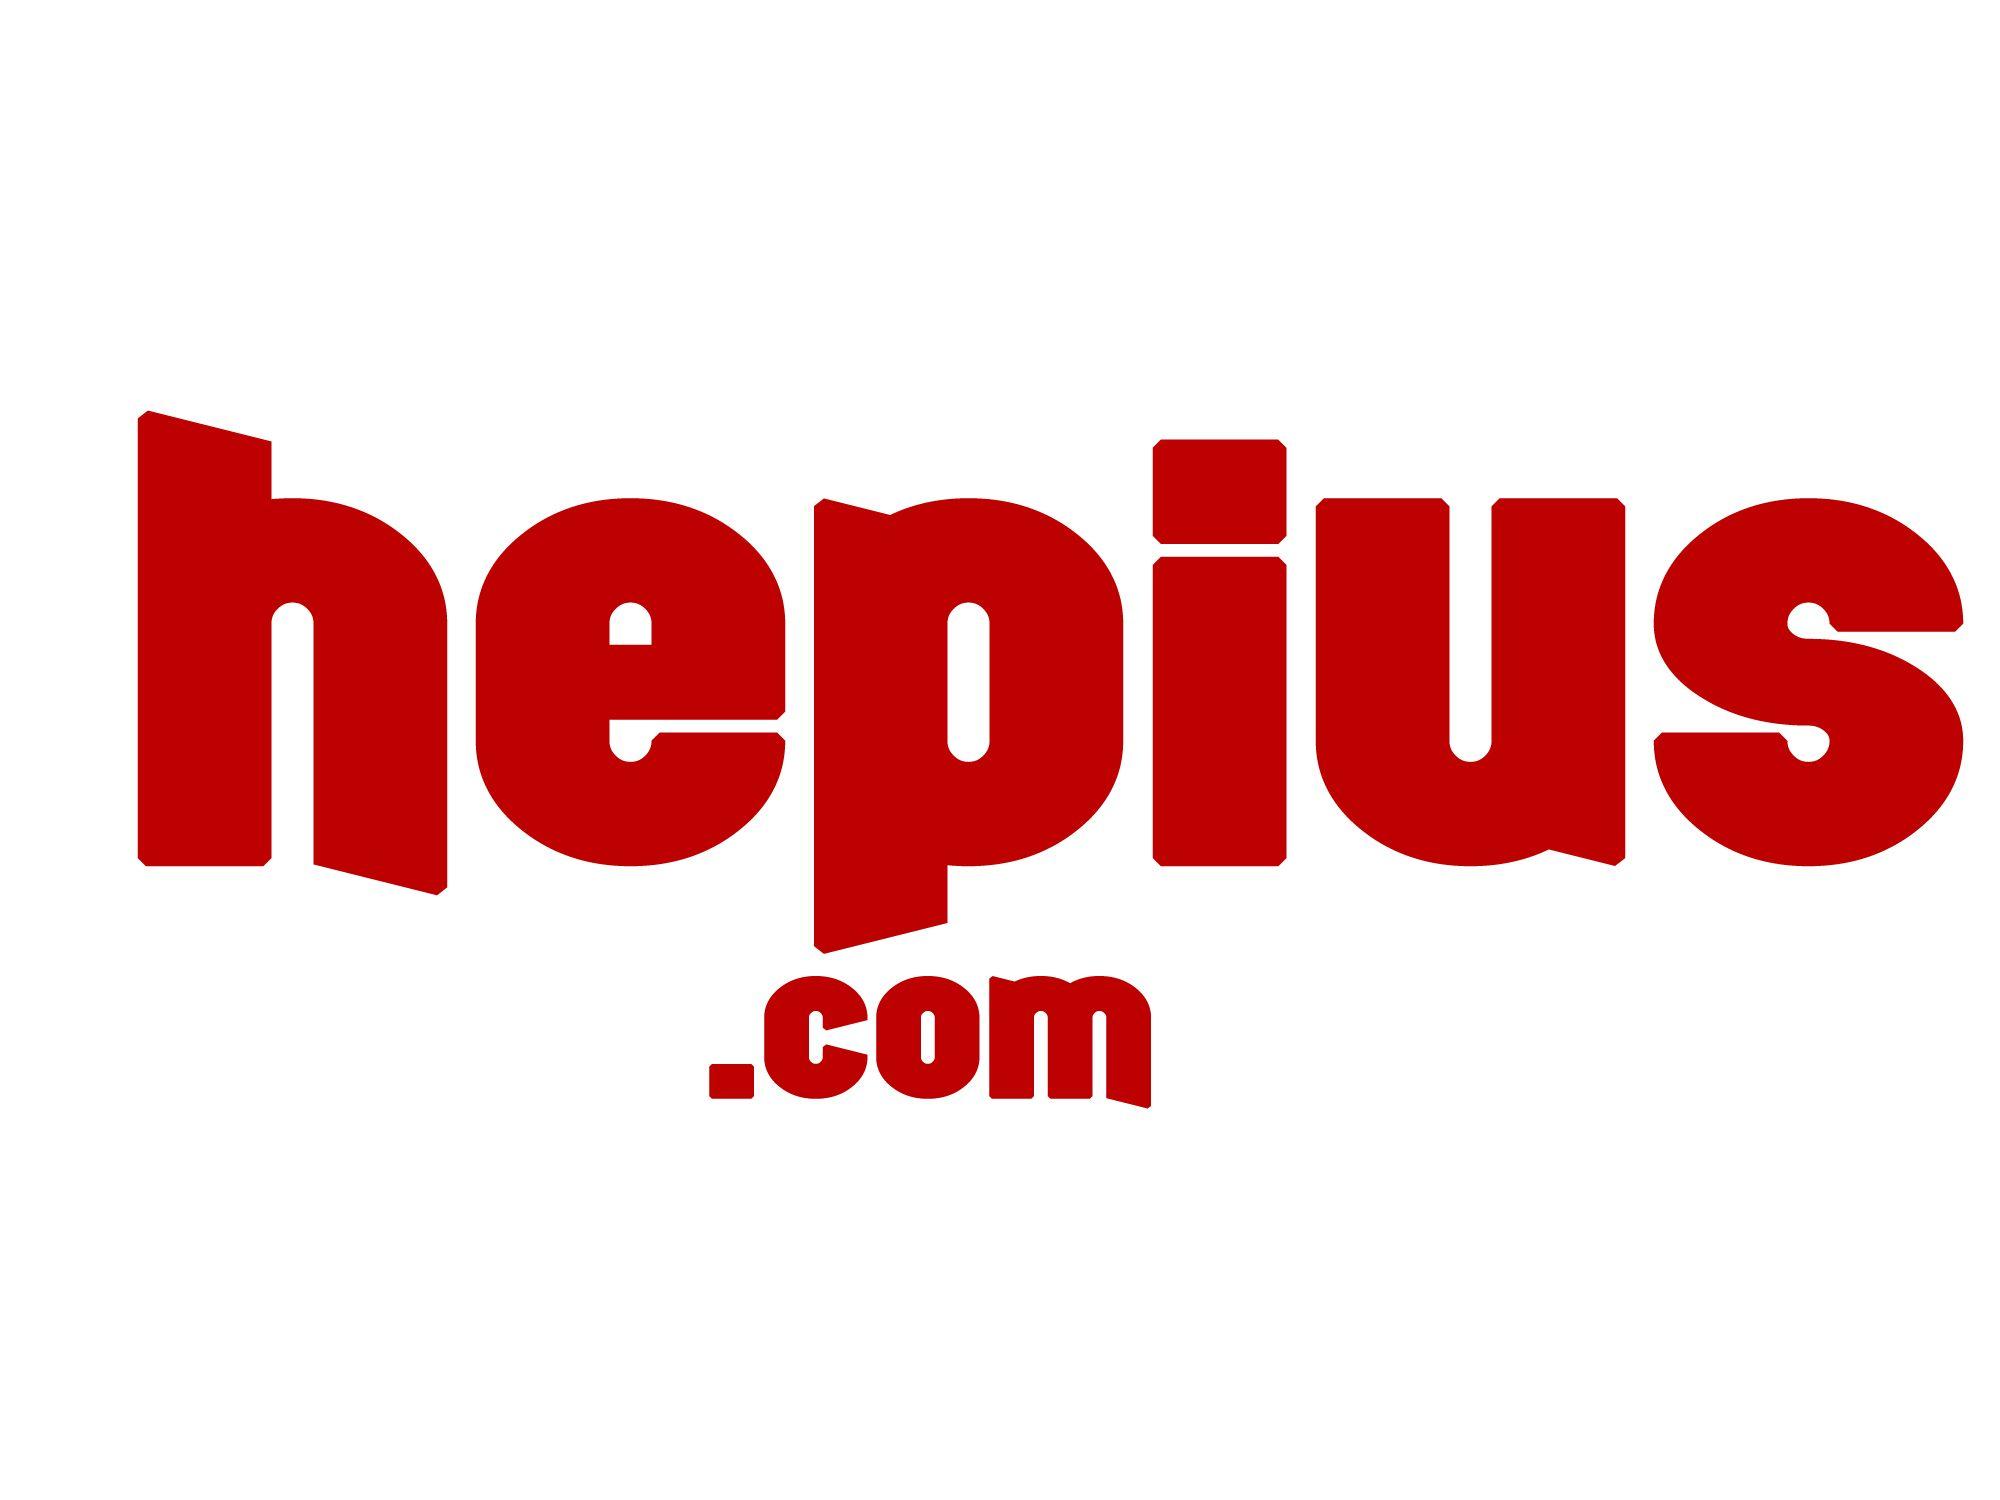 Hepius Logo